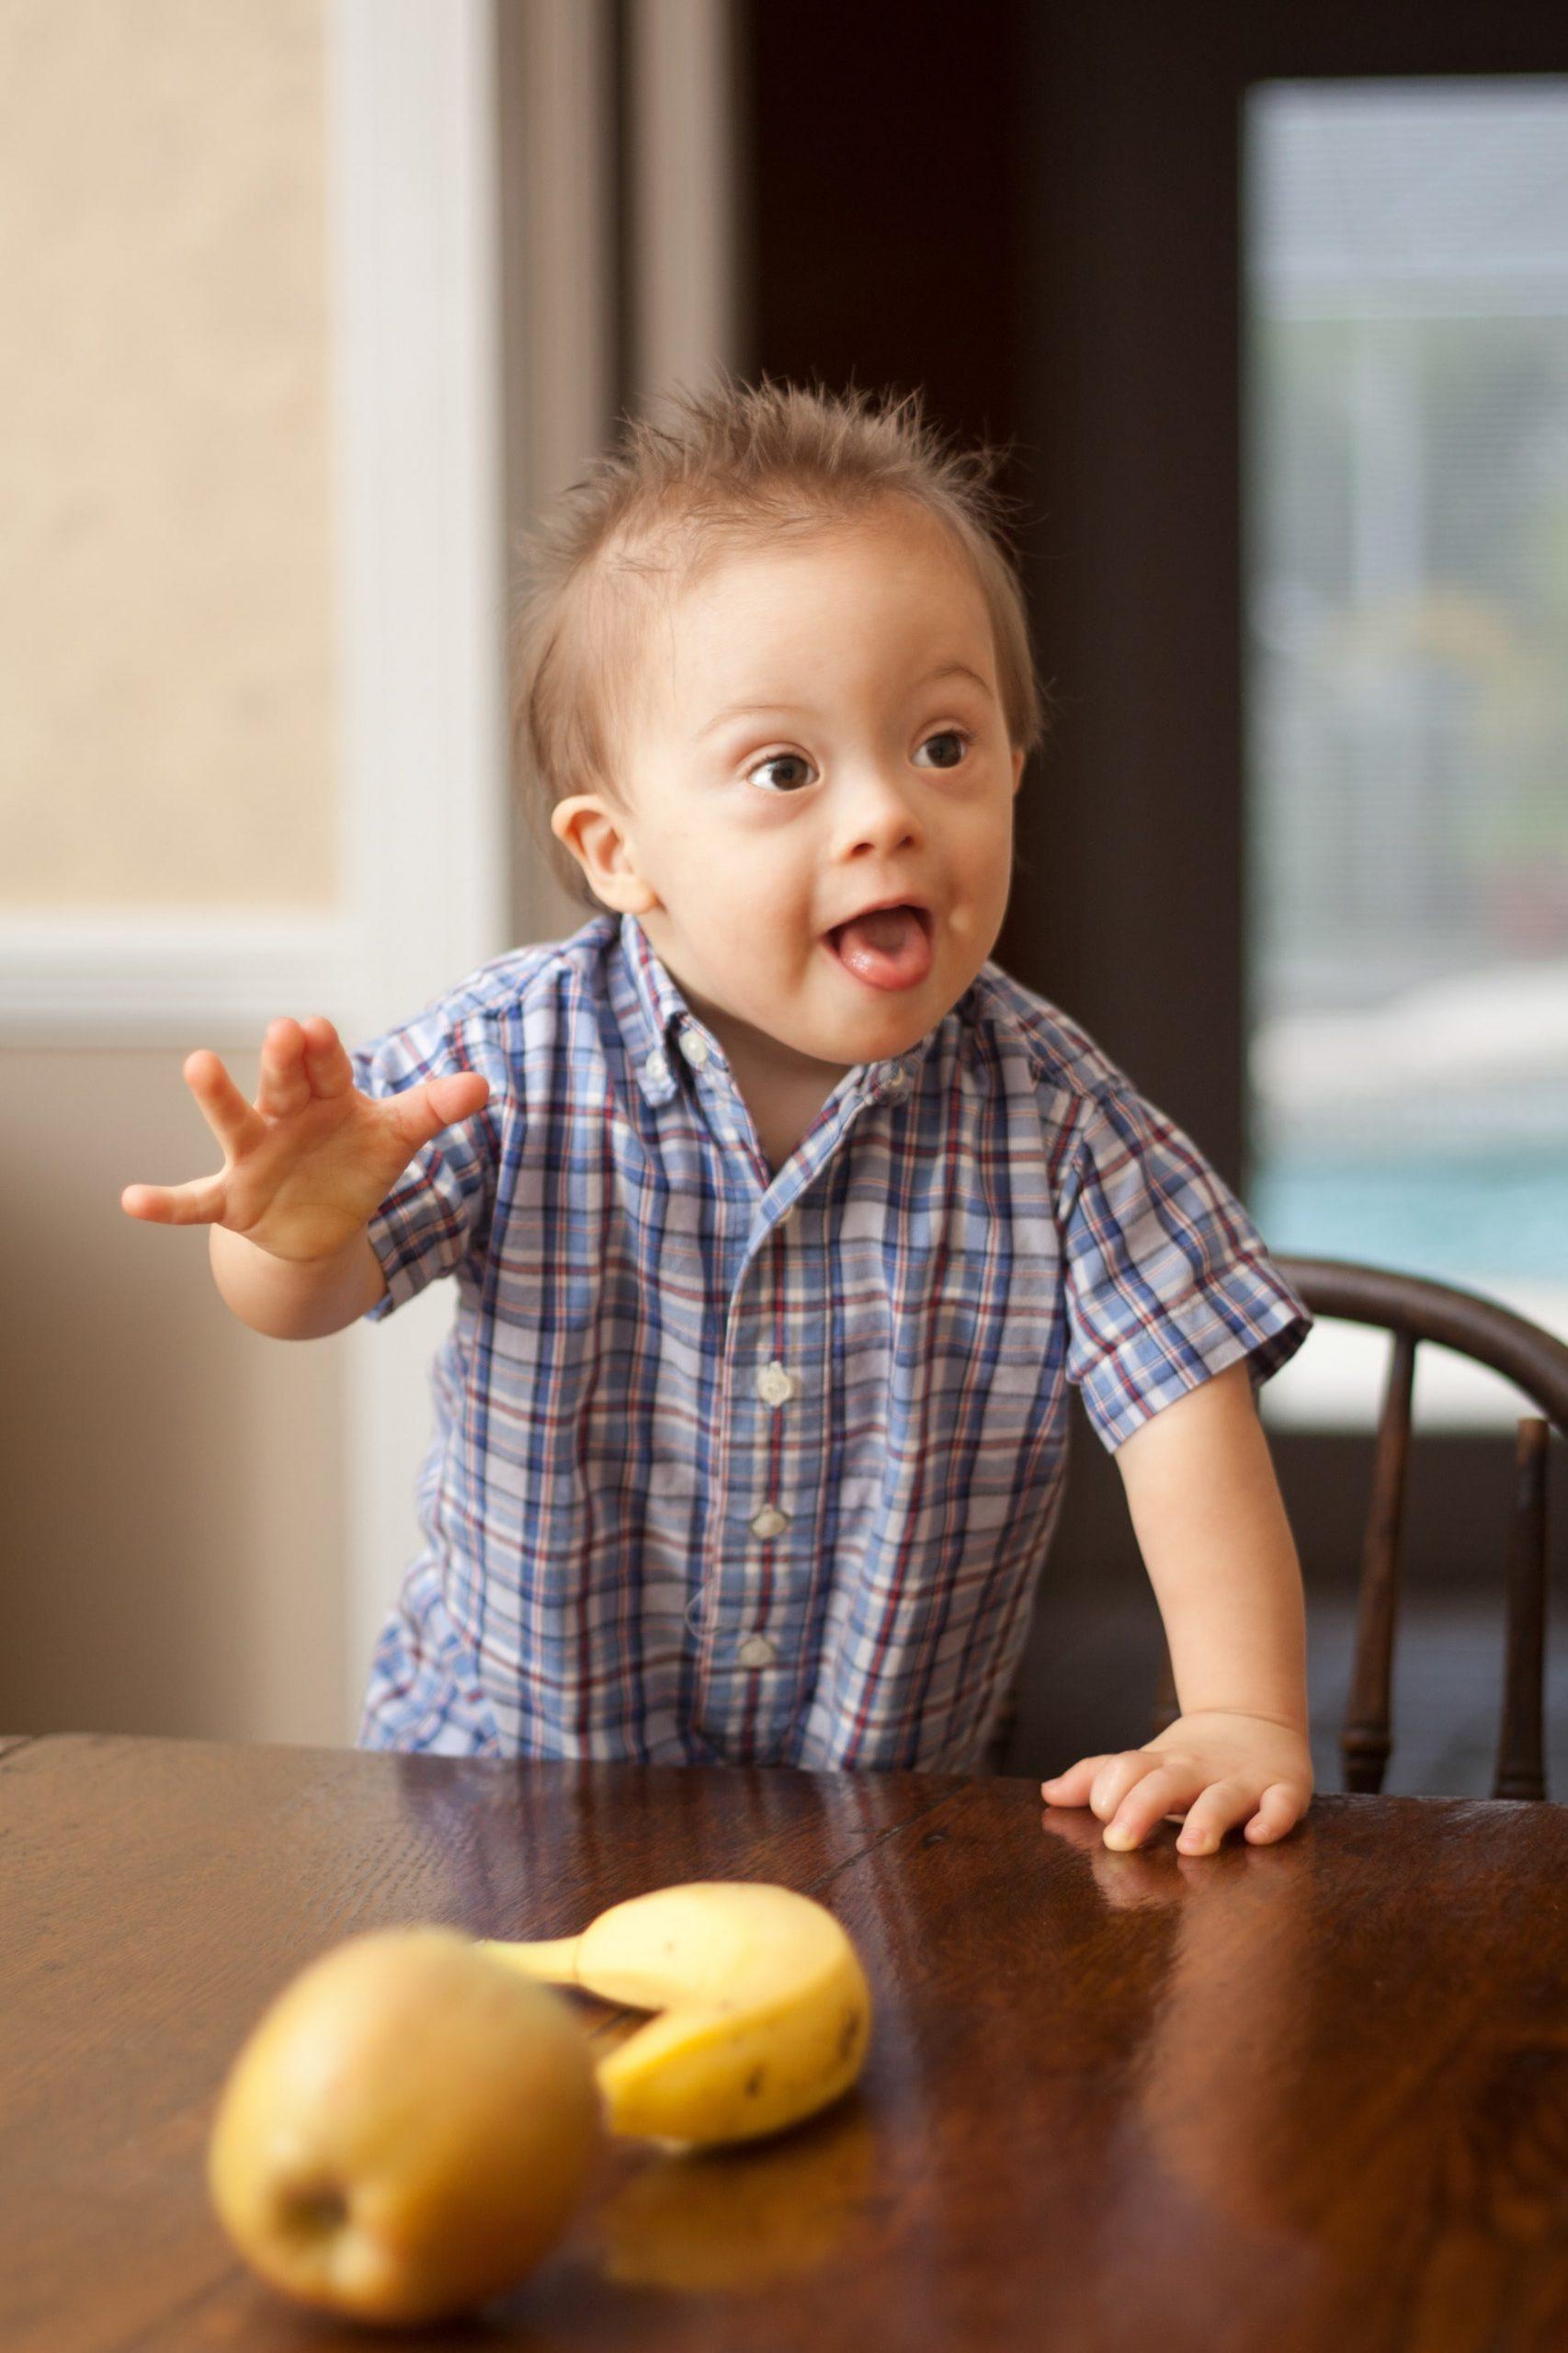 Foto eines kleinen Jungen, der nach Obst greift